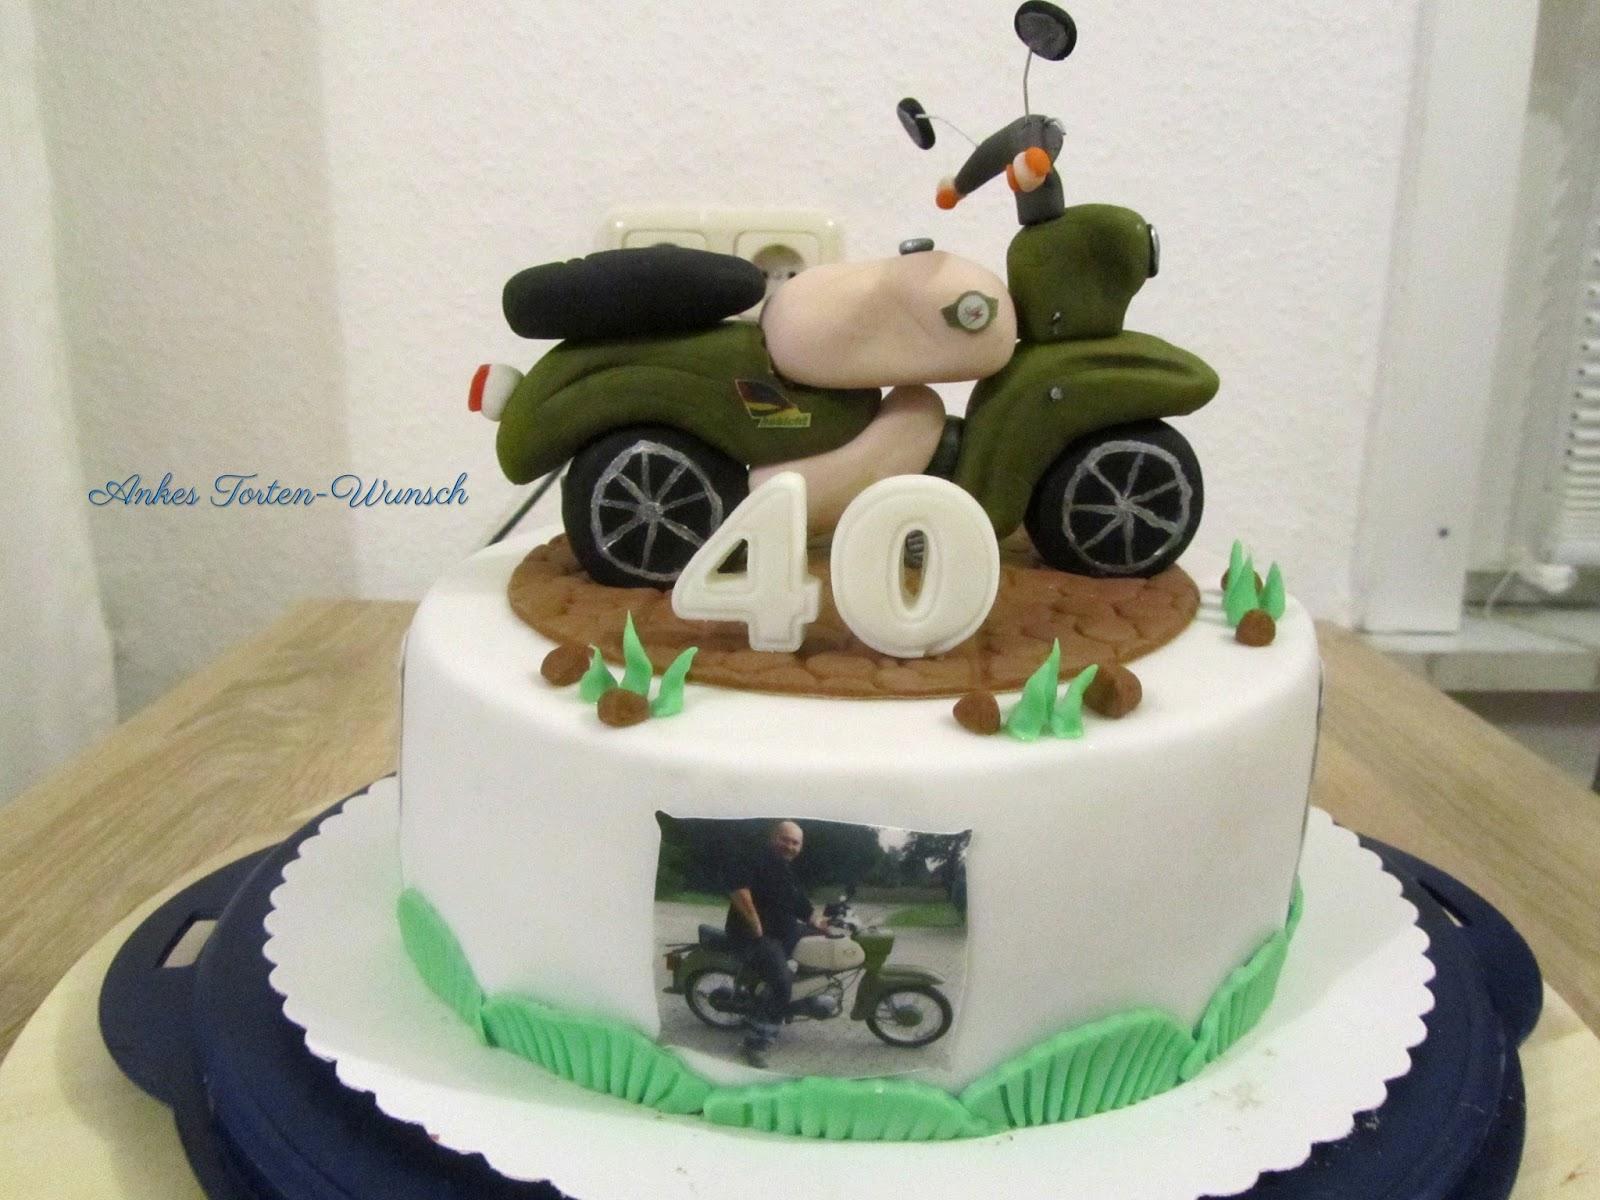 Simson Moped Geburtstags Torte Zum 40 Geburtstag Ankes Torten Wunsch